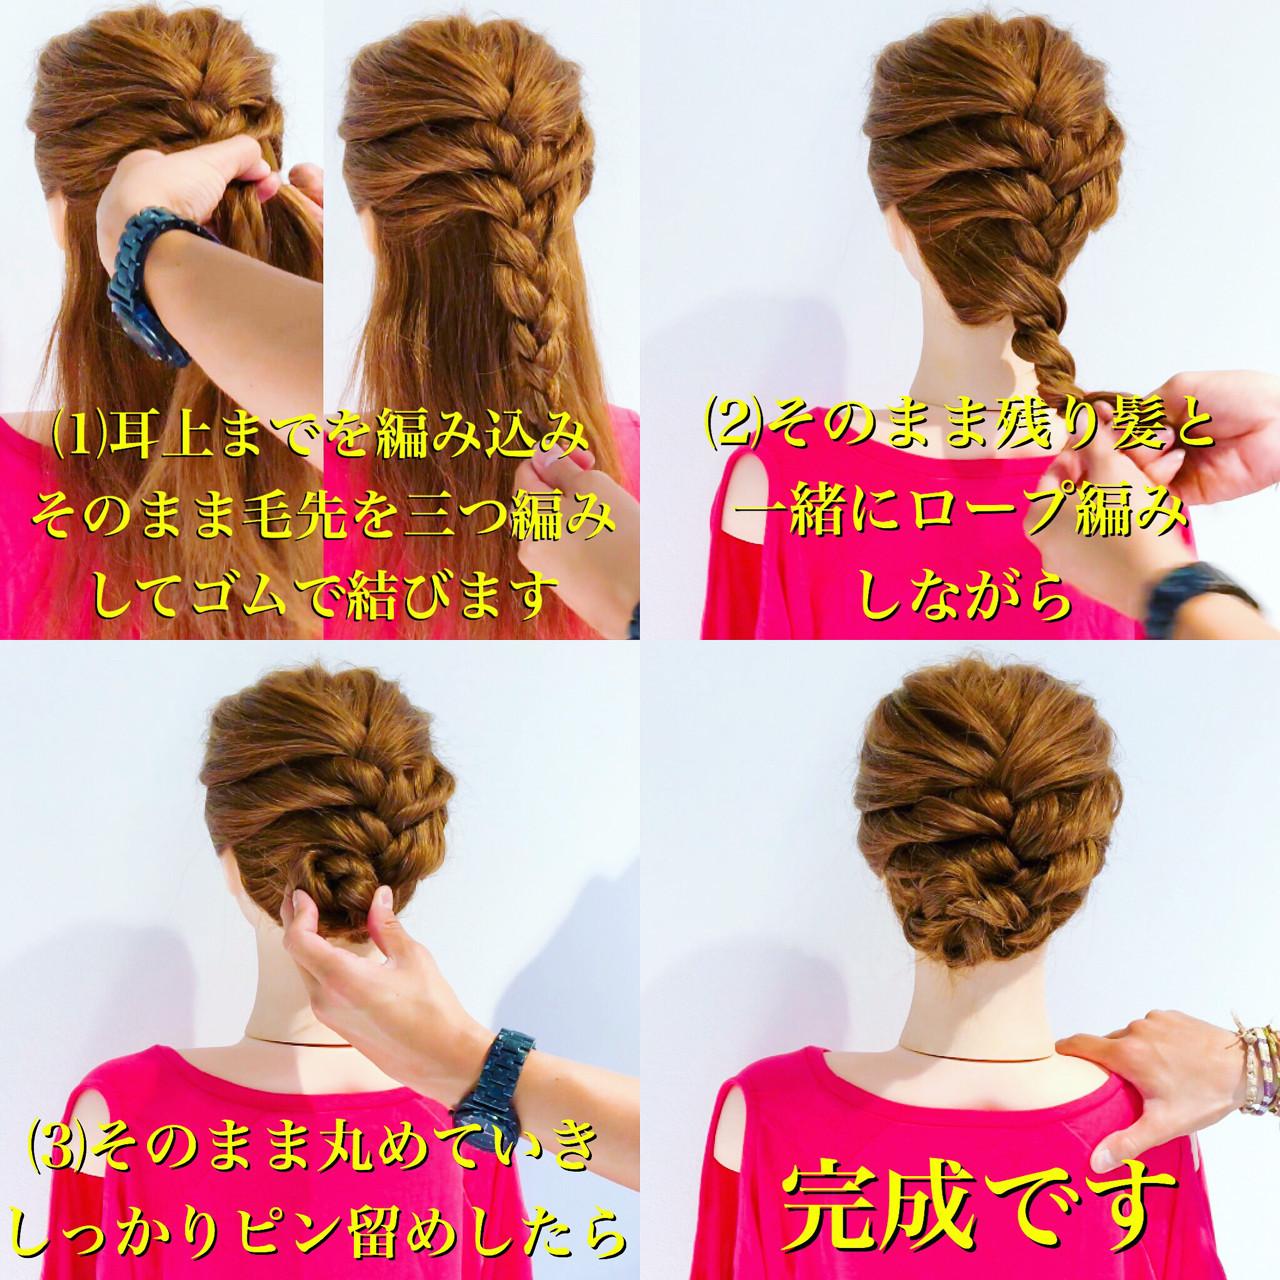 華やか♡編み込みからつくるアップヘア 美容師 HIRO